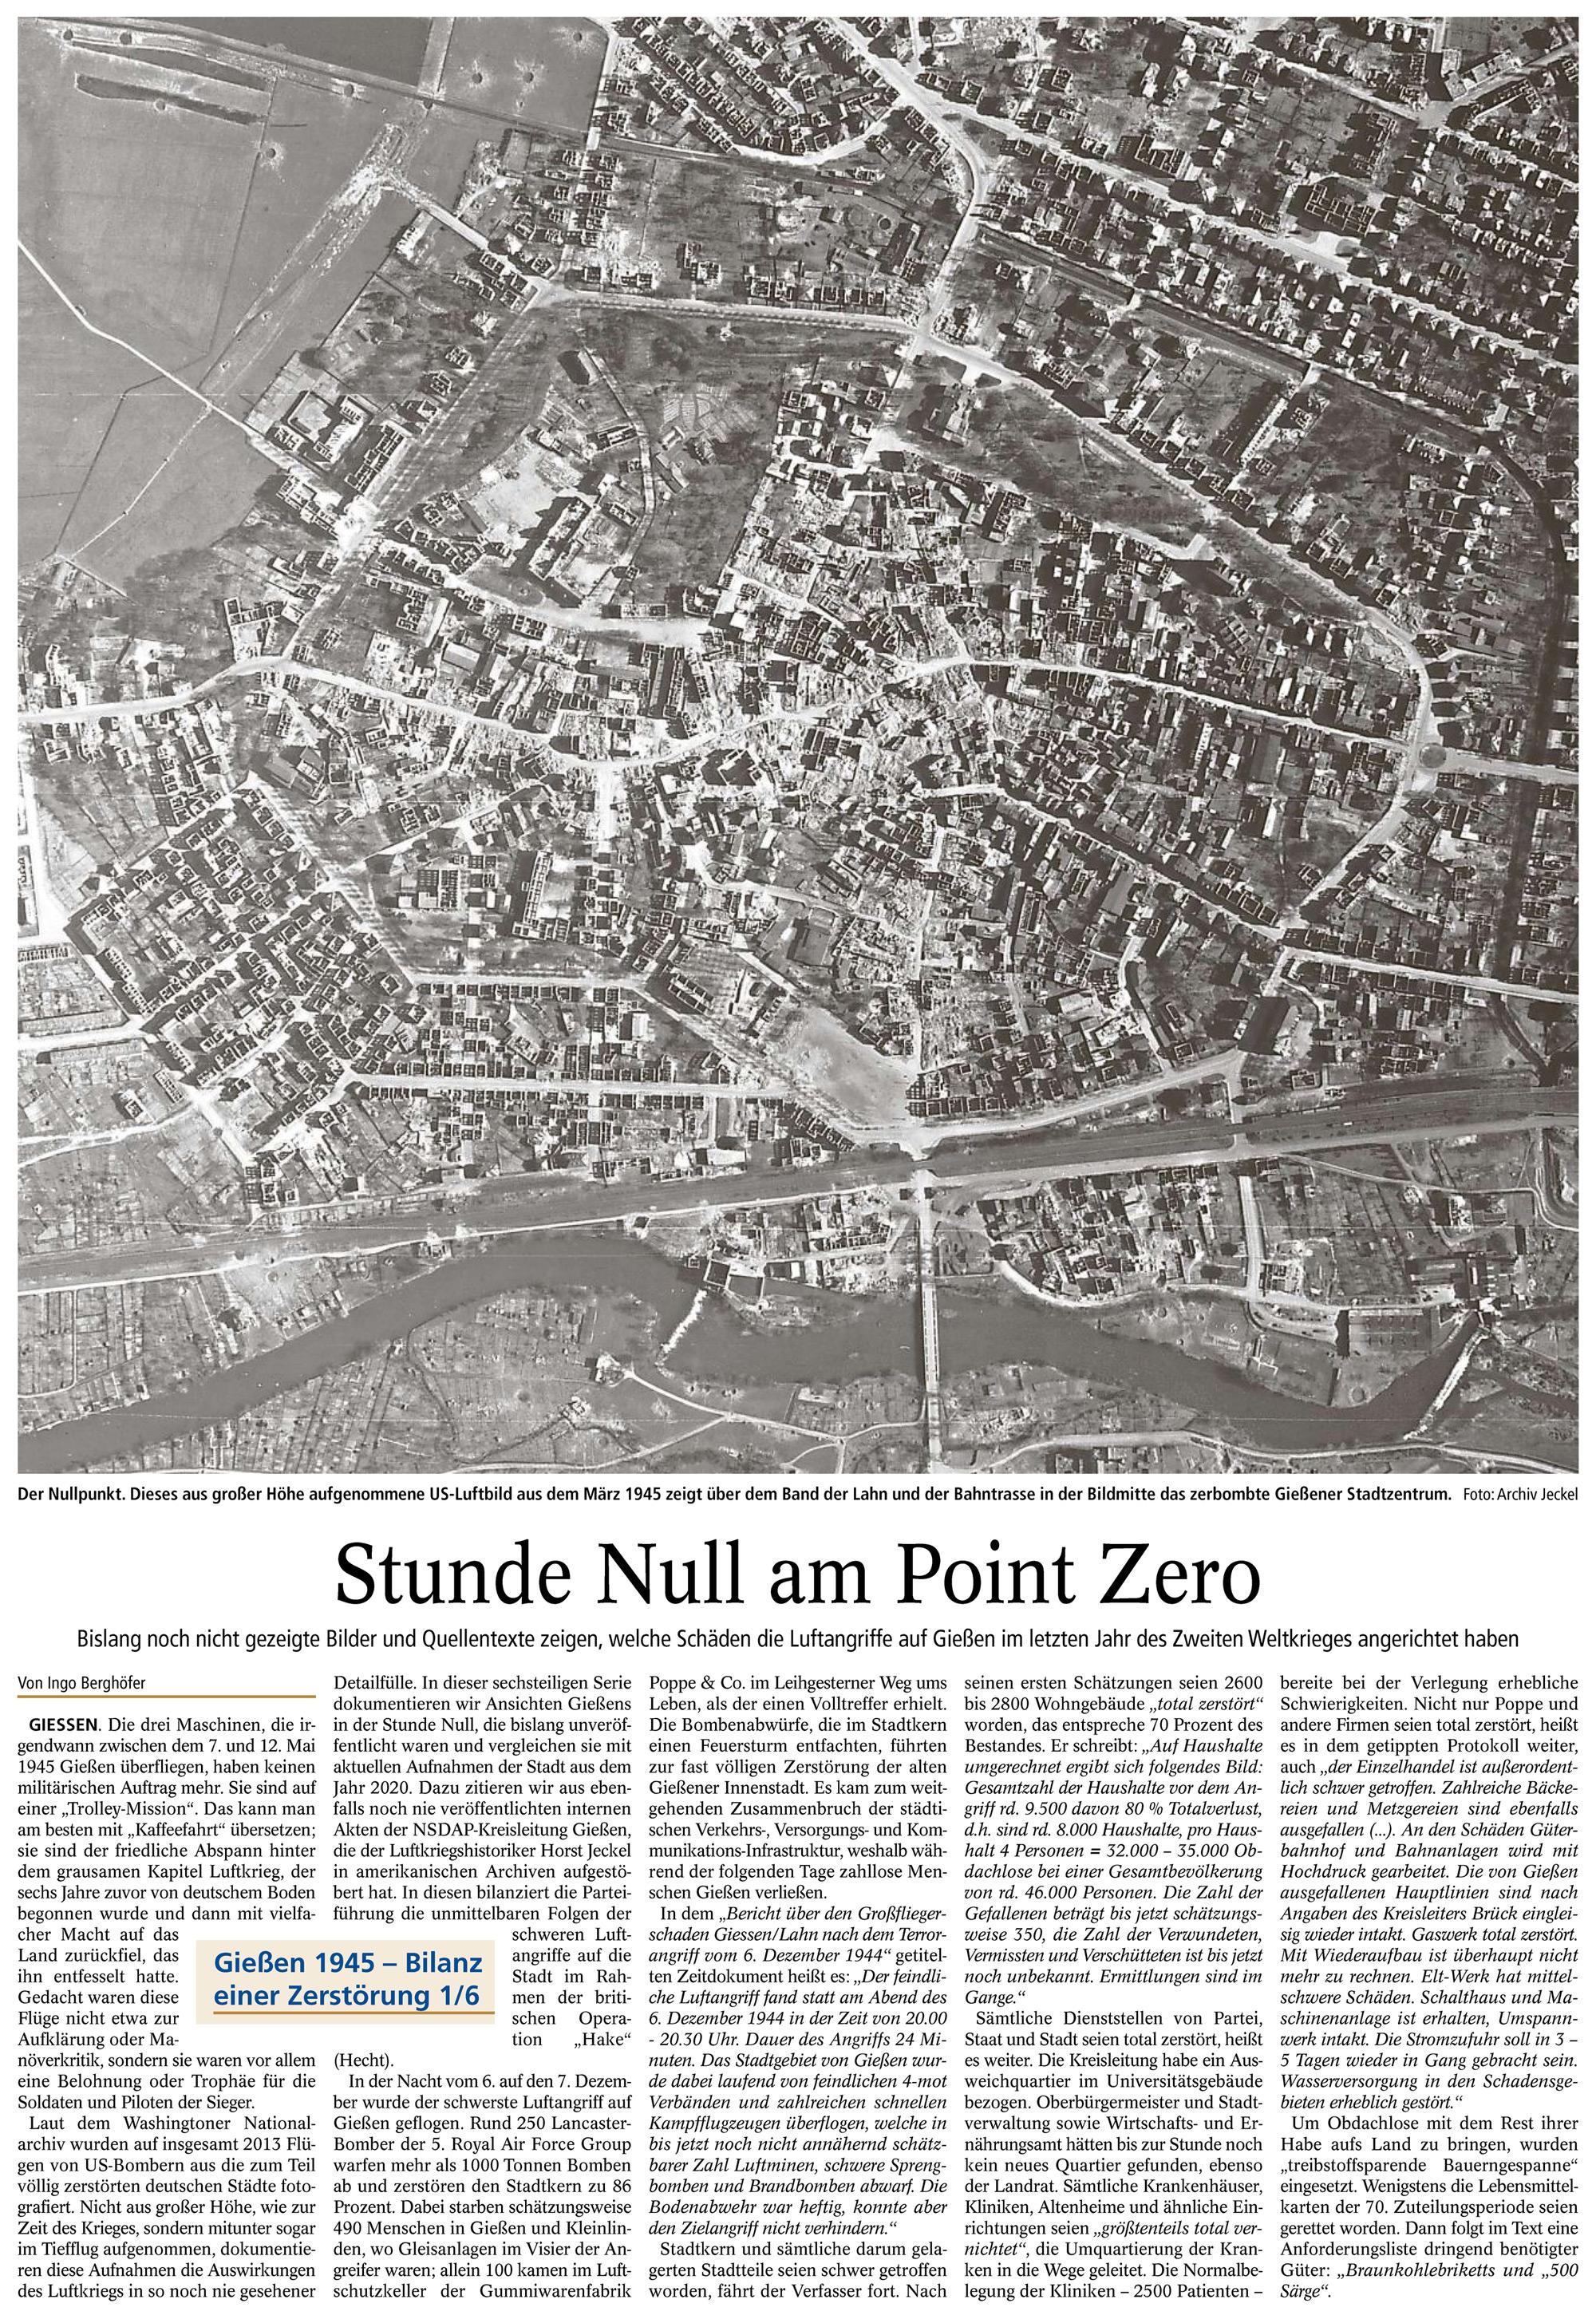 Gießener Anzeiger: Stunde Null am Point Zero